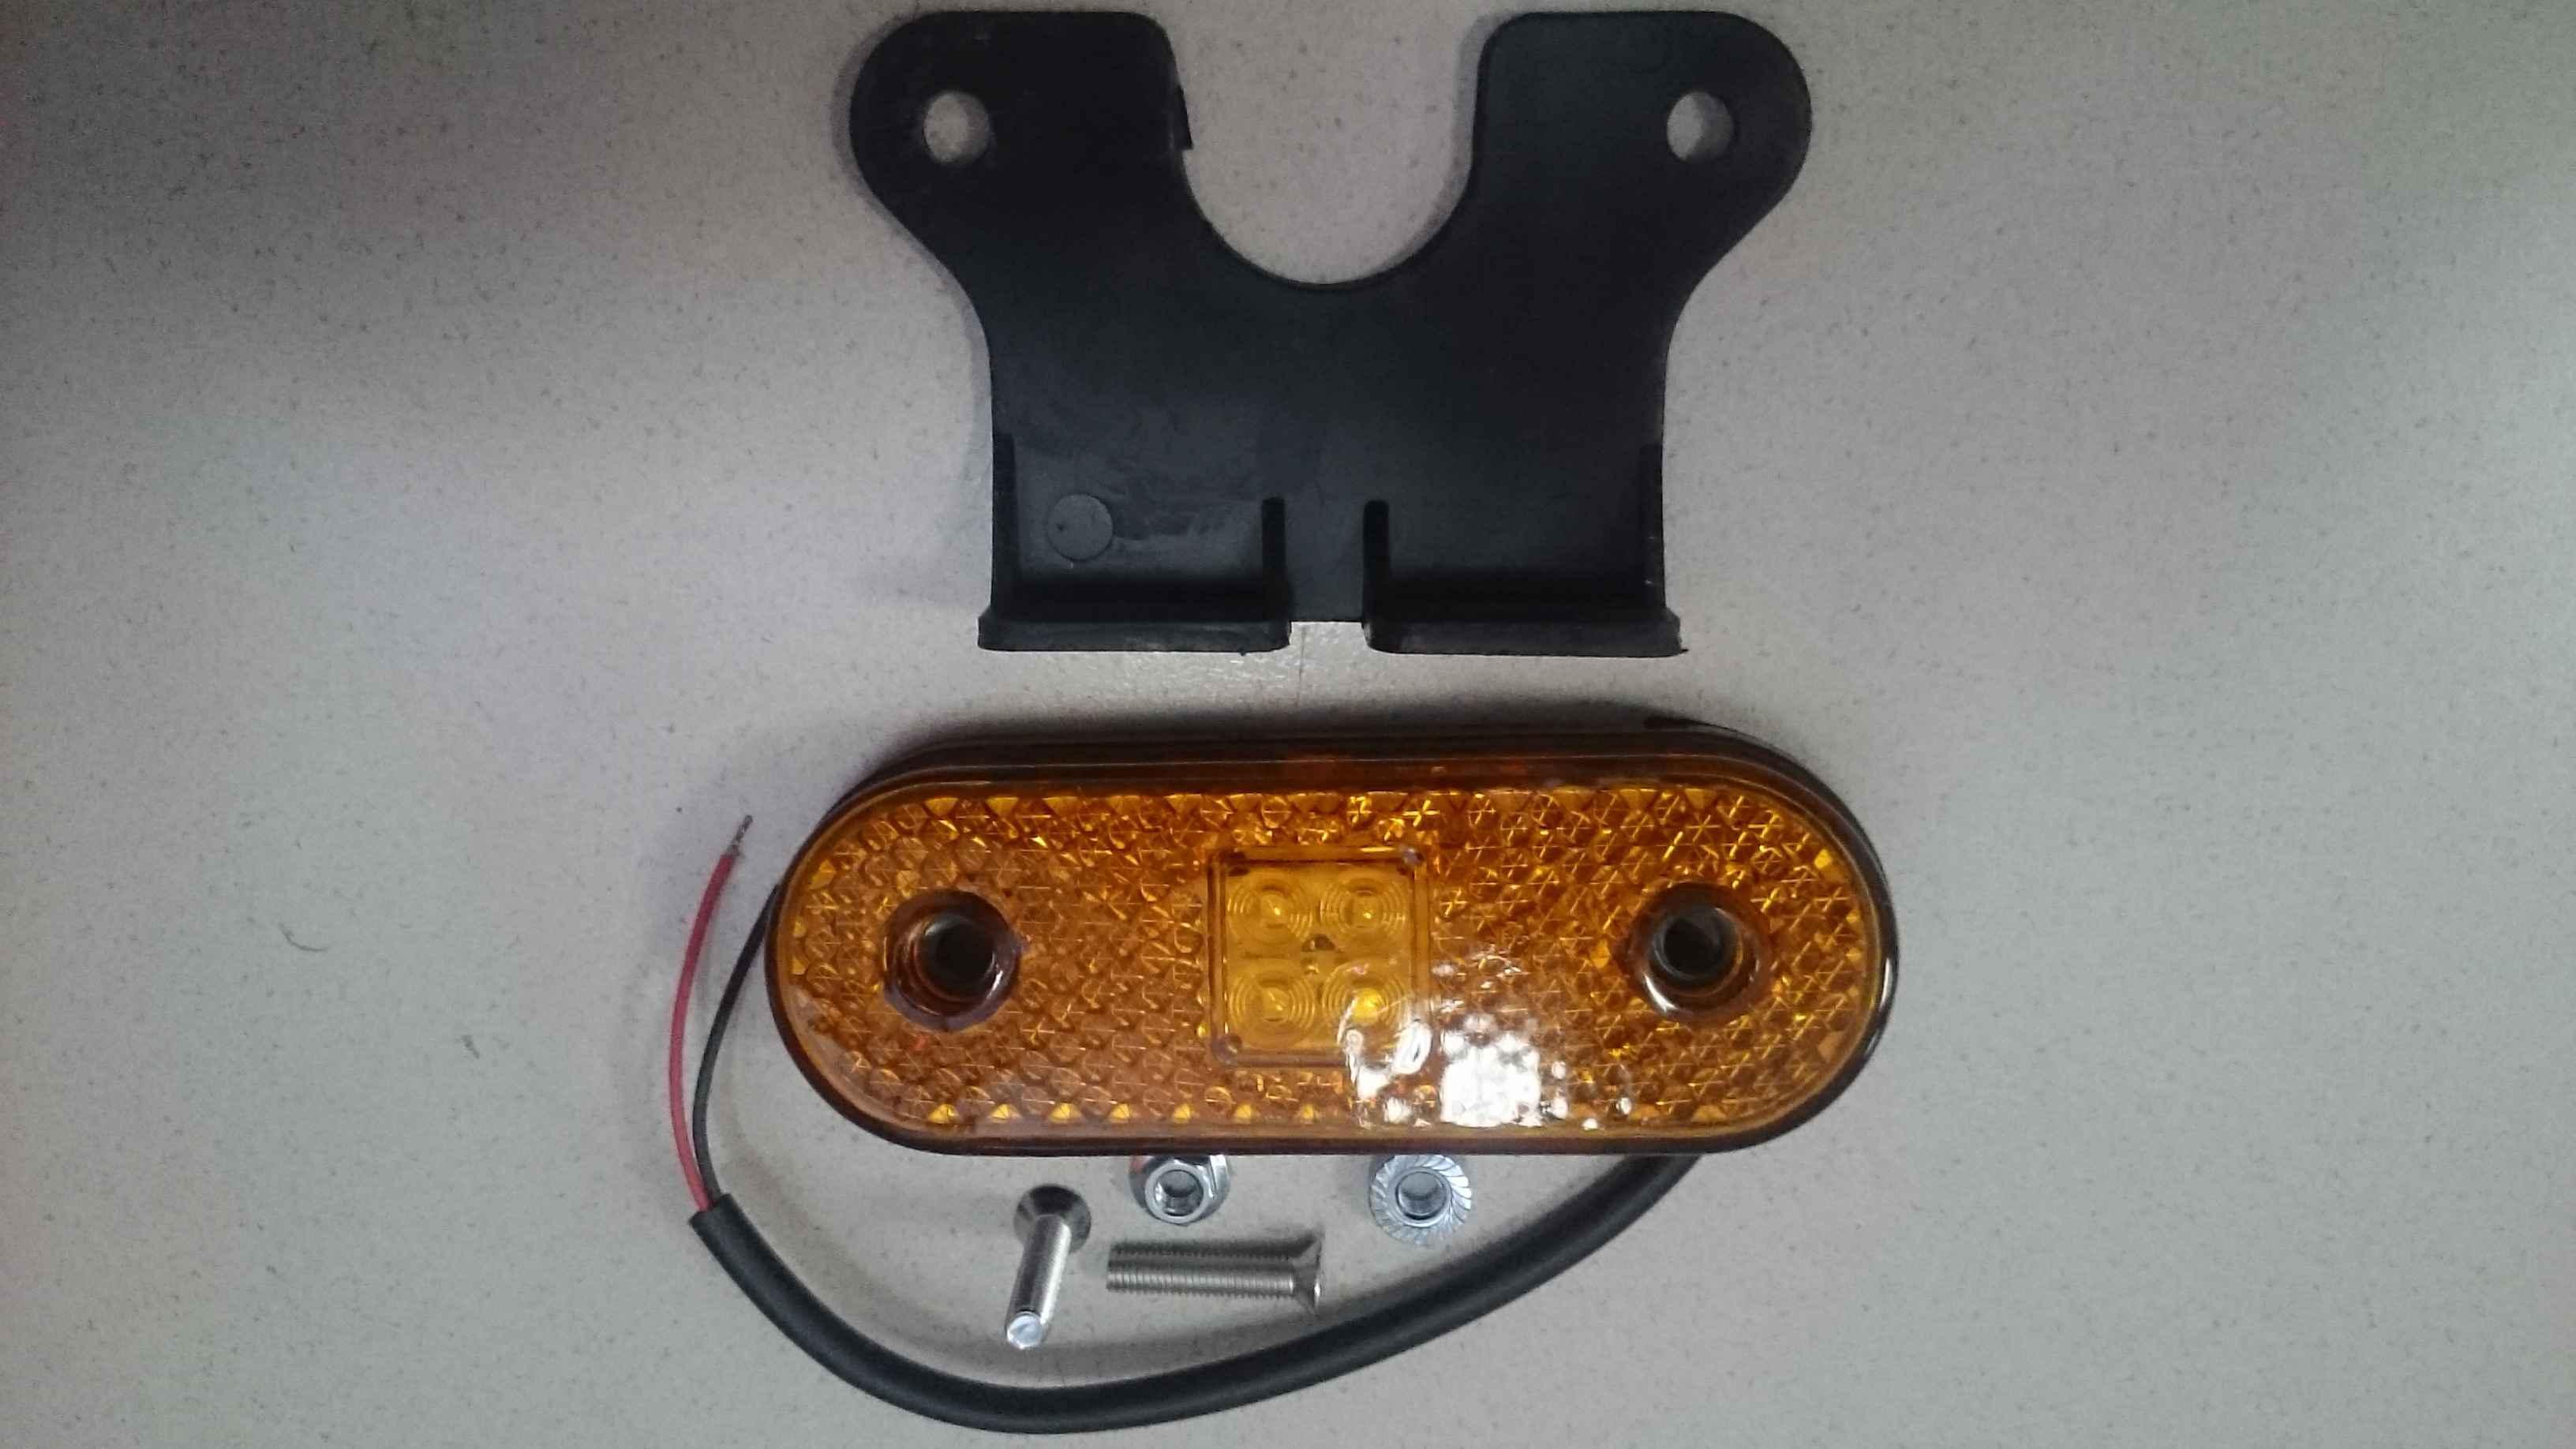 52123731001 Фонарь маркерный  жёлтый с проводом SCHMITZ  Unipoint-1-LED 115х40 с кронштейном (1008659,191183,190906,720302,720301,104260,212000004)